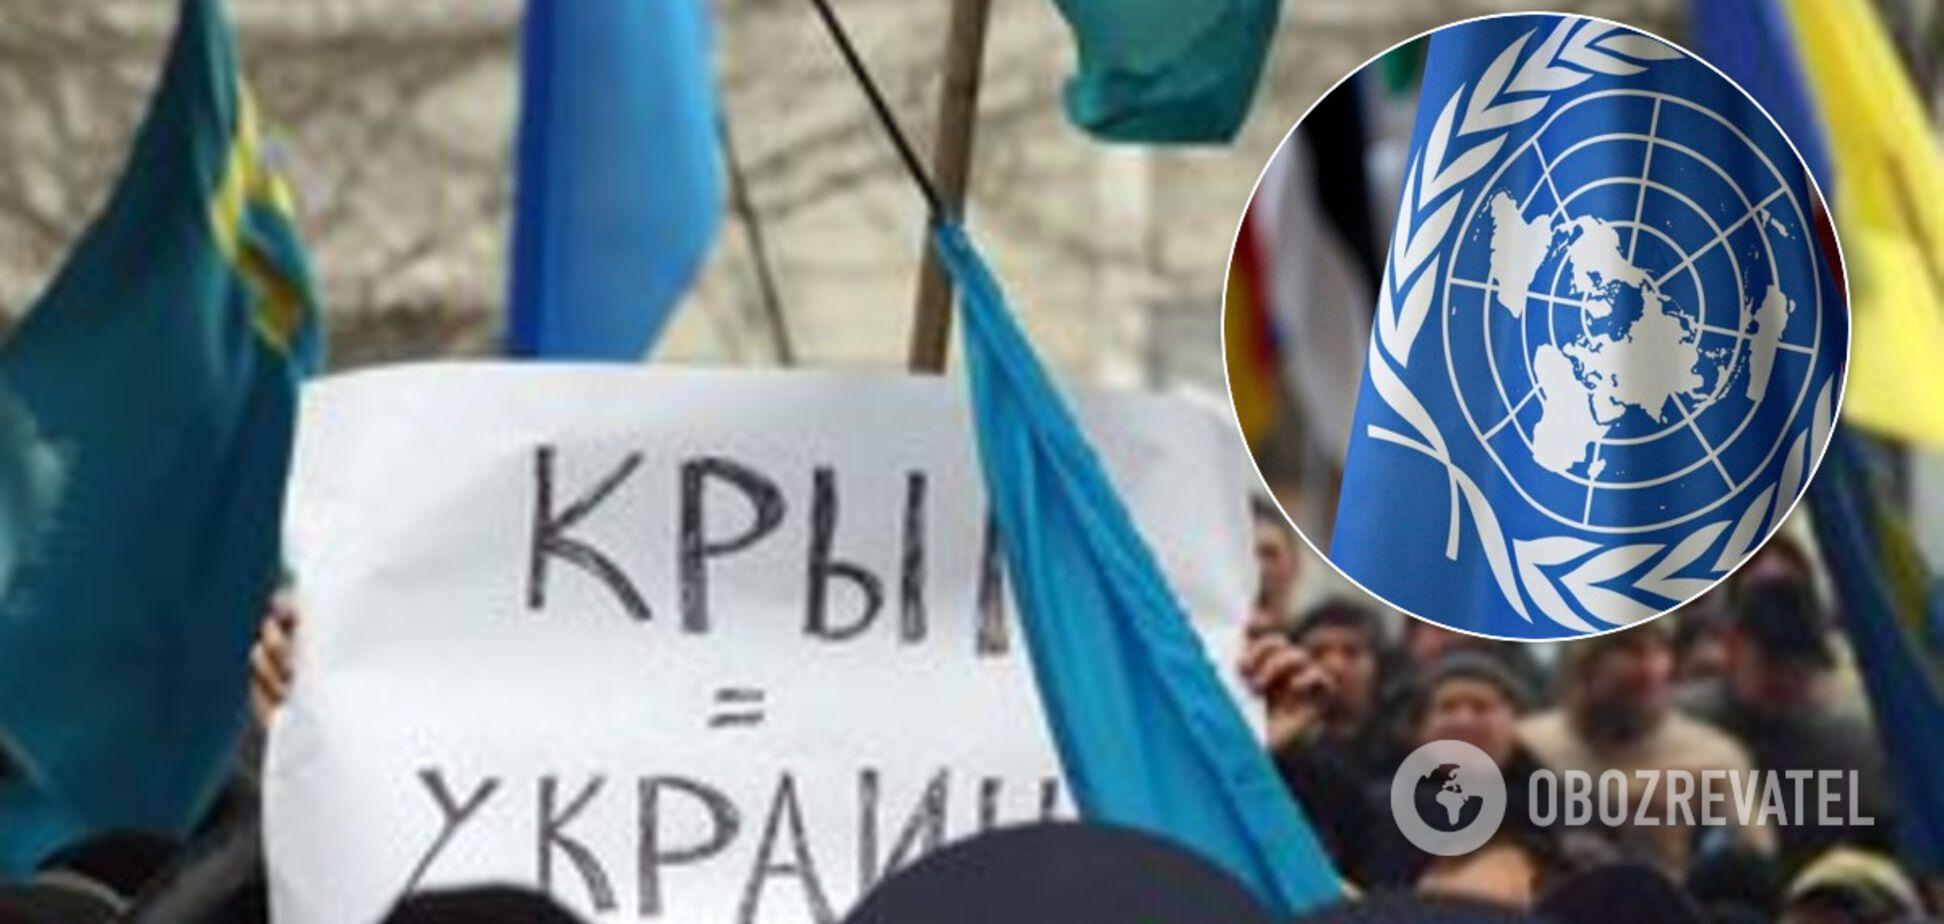 Украина обратится к ООН из-за нарушений России в Крыму